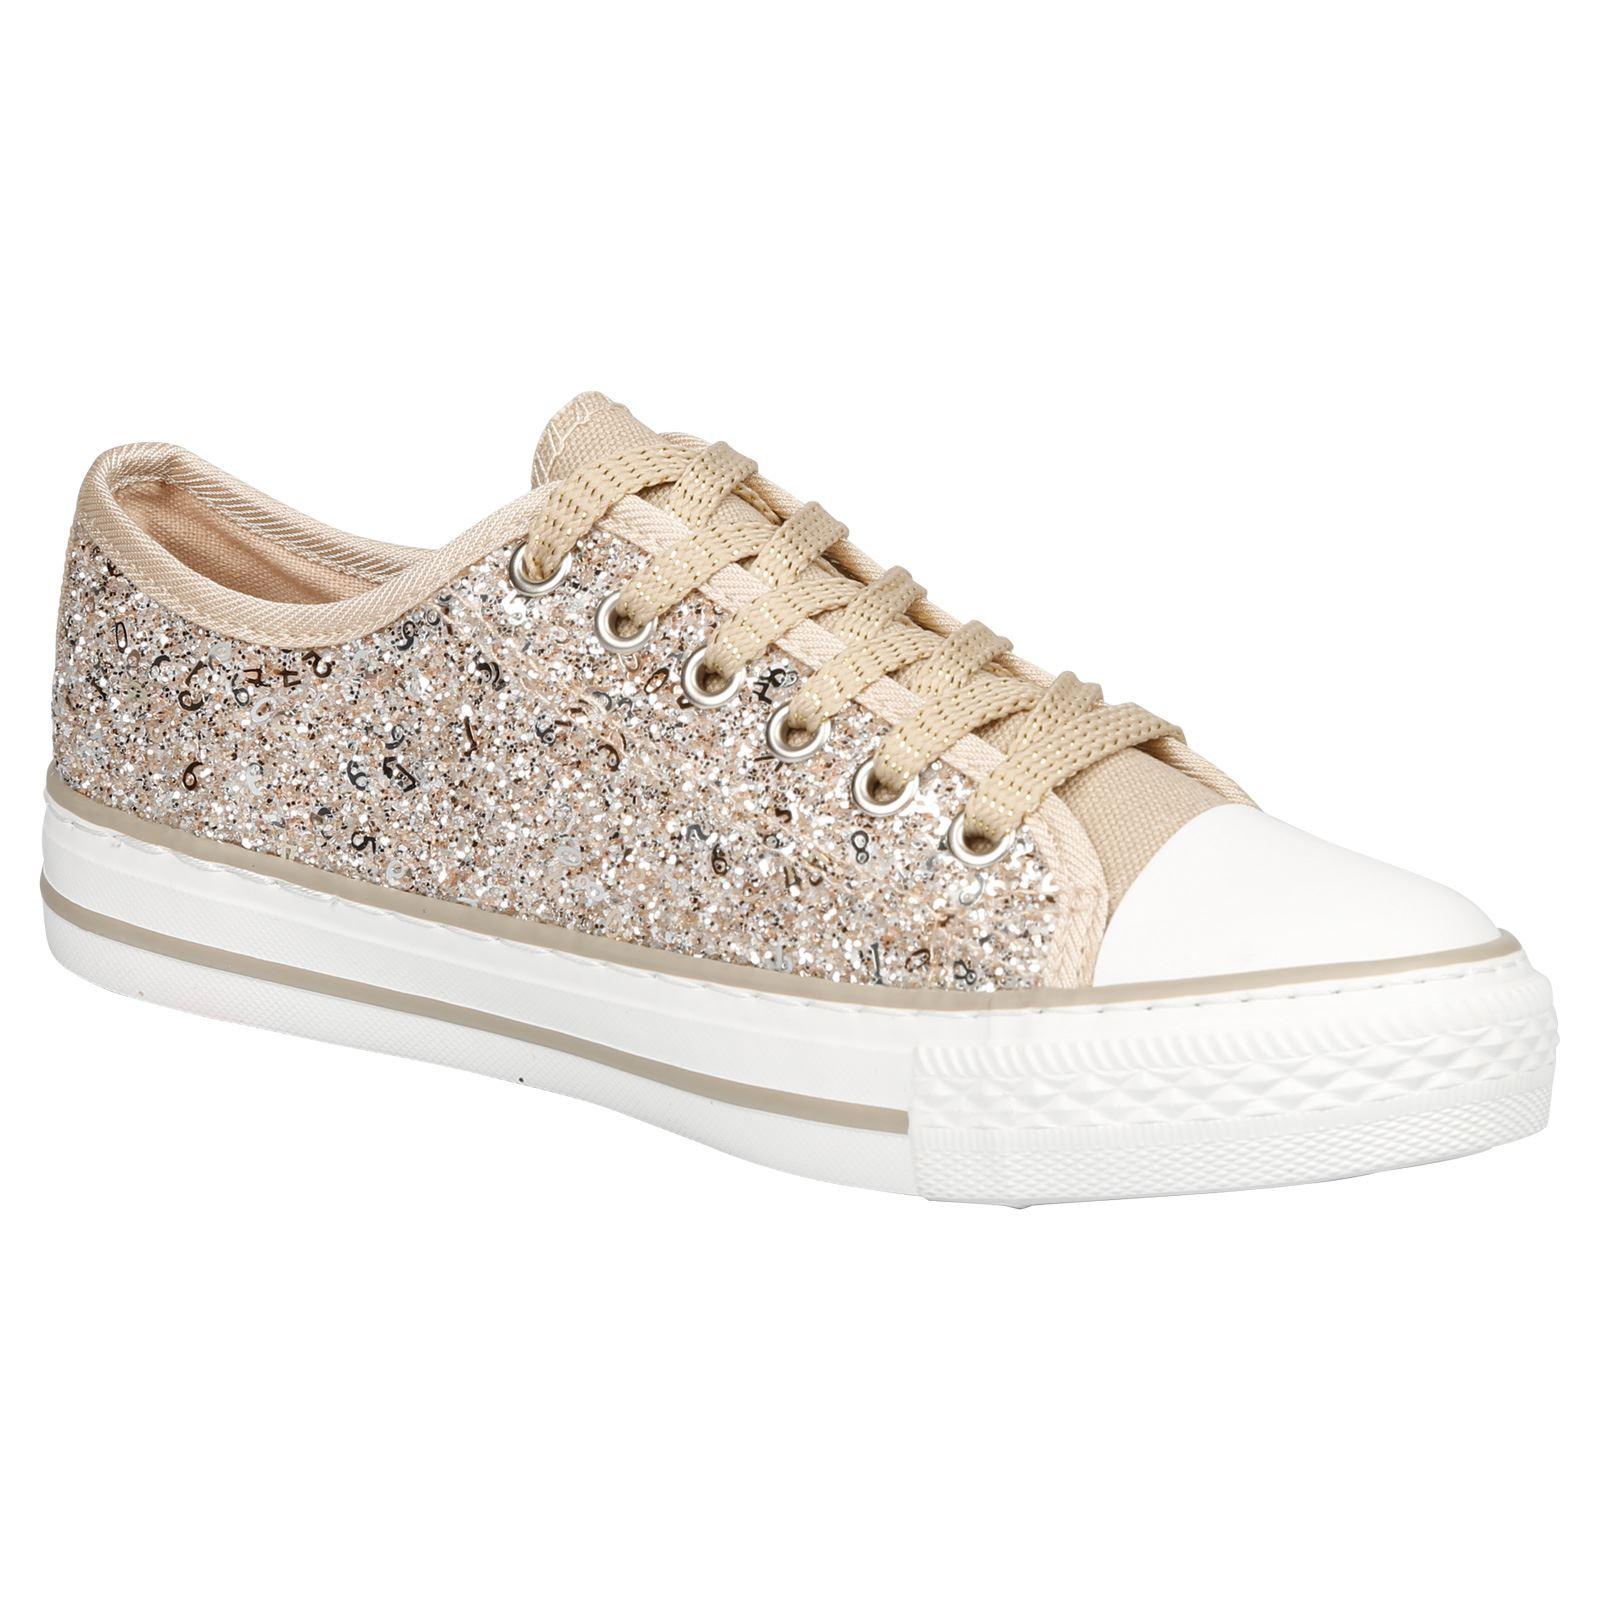 Nouveau Haut Chaussures Femme Glitter Platform Baskets à Lacets Escarpins Casual Style